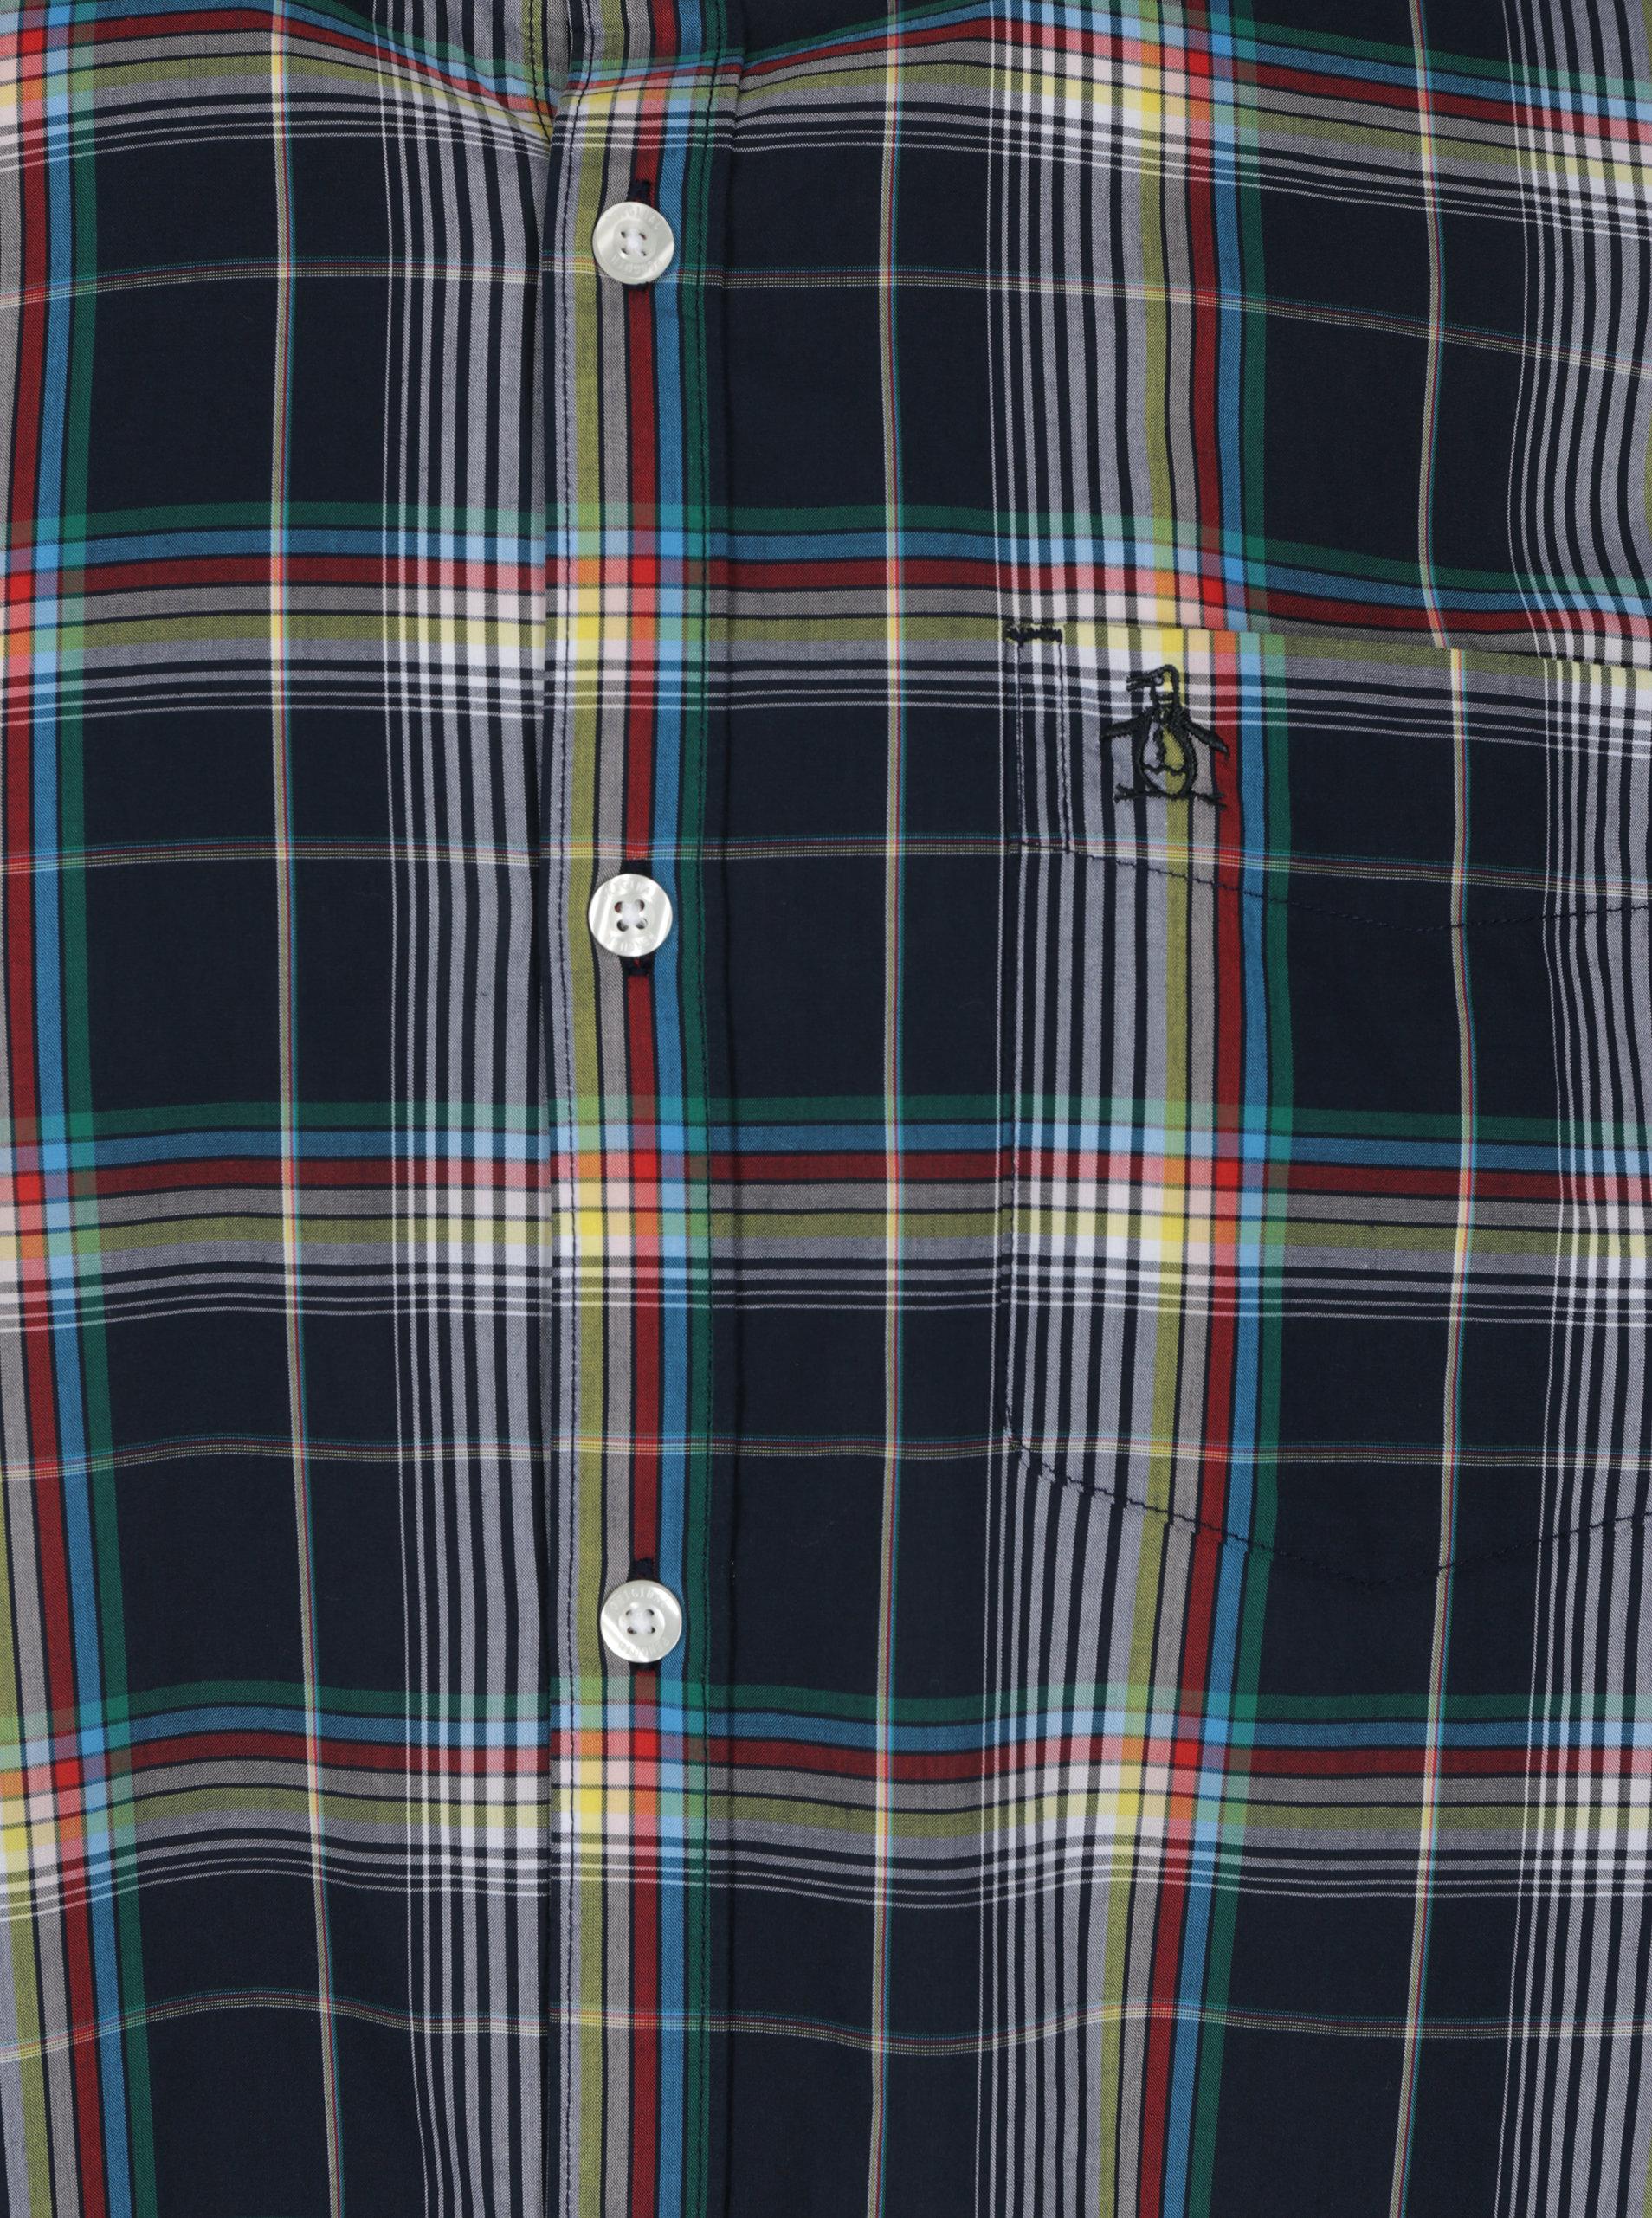 Modrá kostkovaná košile s náprsní kapsou Original Penguin Plaid ... 359289156c